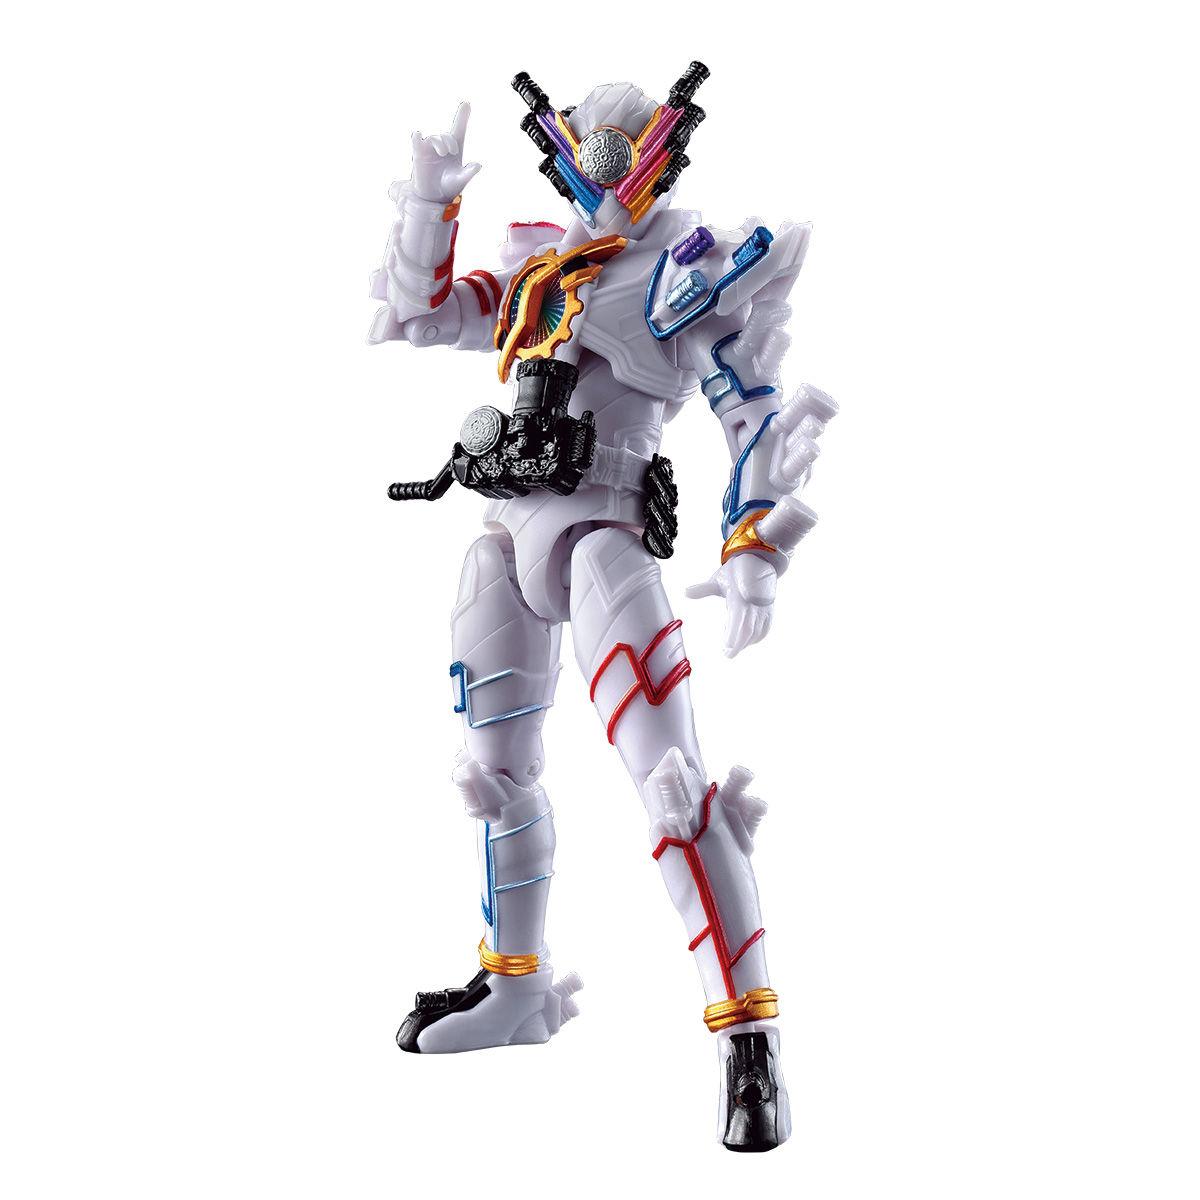 RKFレジェンドライダーシリーズ『仮面ライダービルド ジーニアスフォーム』可動フィギュア-001